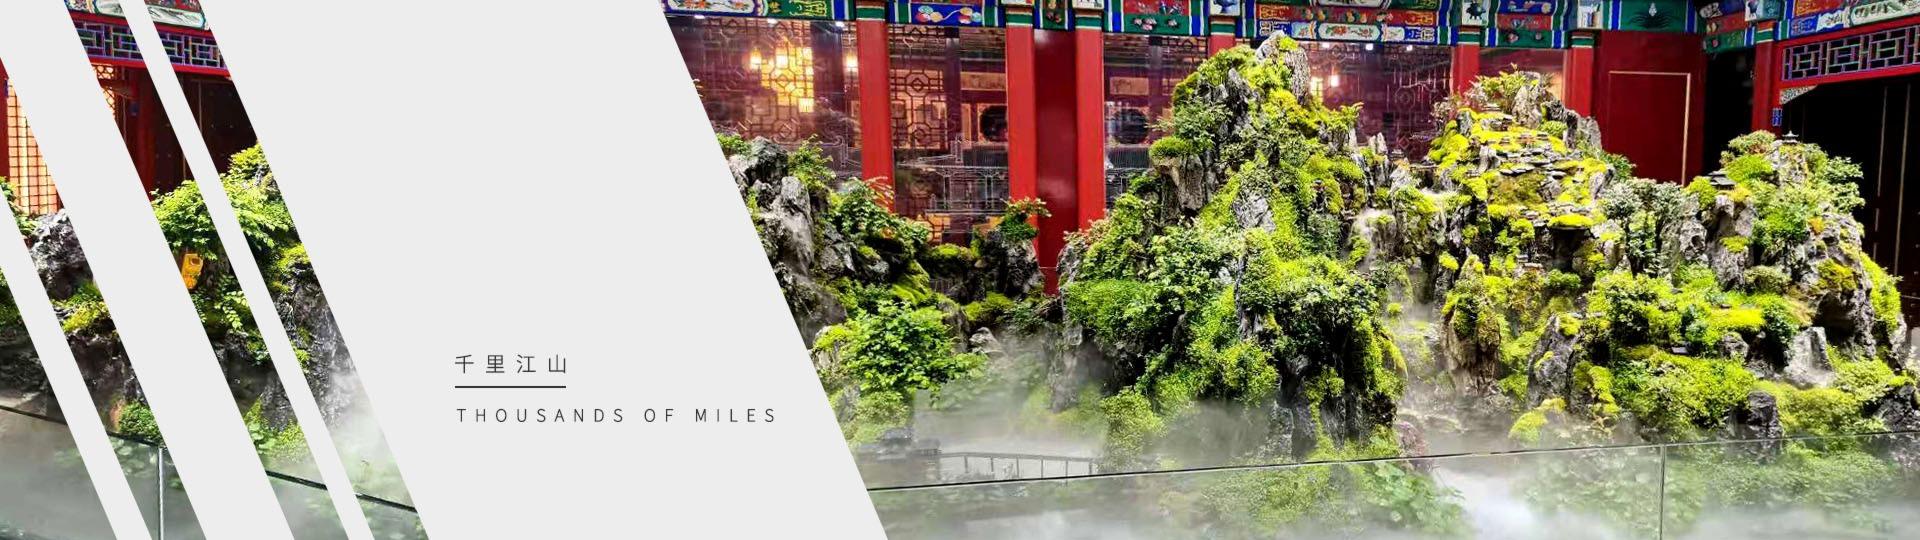 高级餐厅,高档餐厅,餐厅植物,餐厅景观